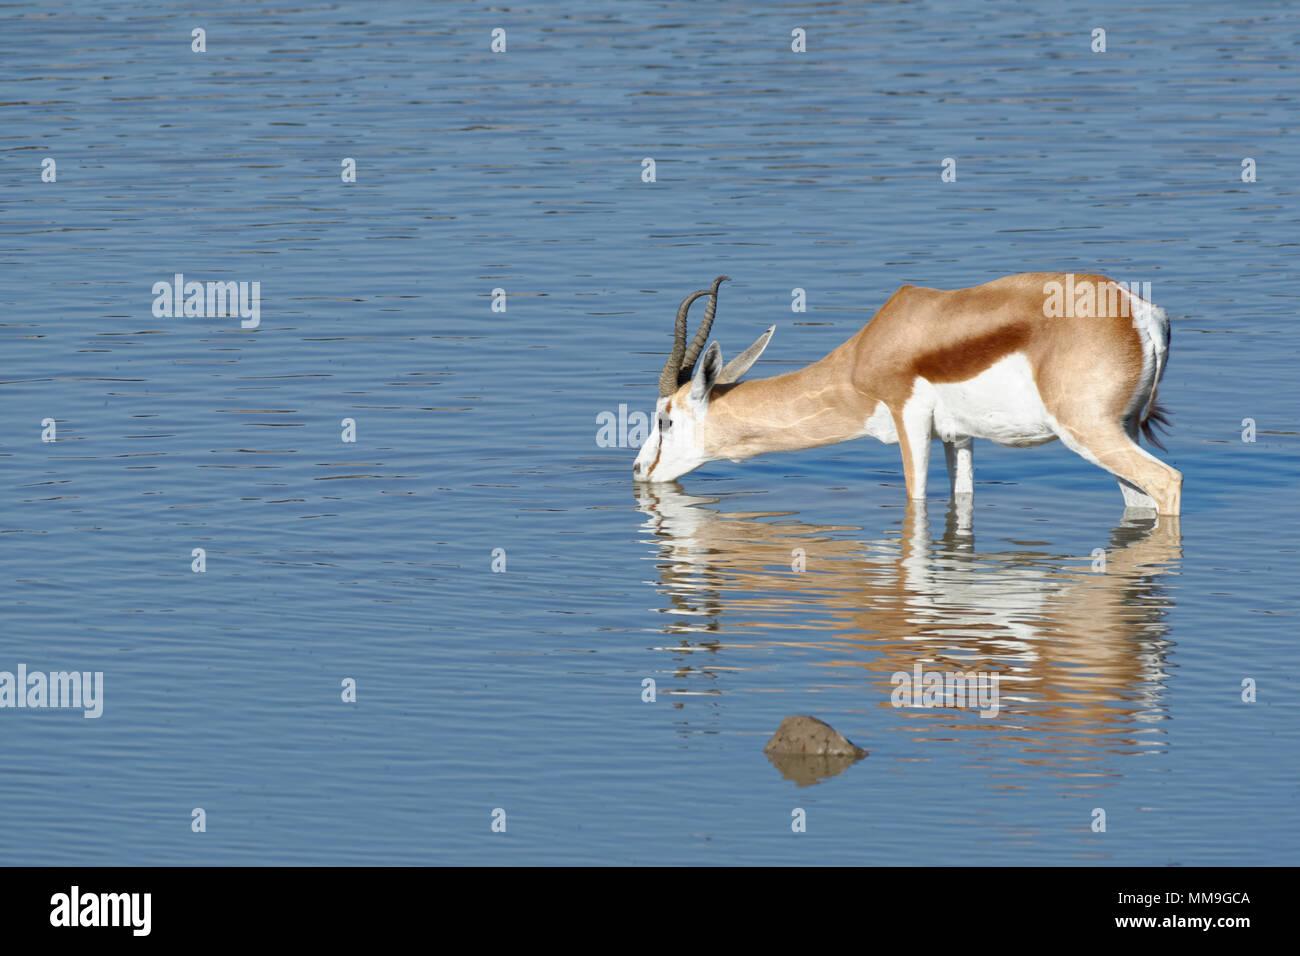 Le Springbok (Antidorcas marsupialis), mâle adulte, debout dans l'eau, d'alcool, point d'Okaukuejo, Etosha National Park, Namibie, Afrique Photo Stock